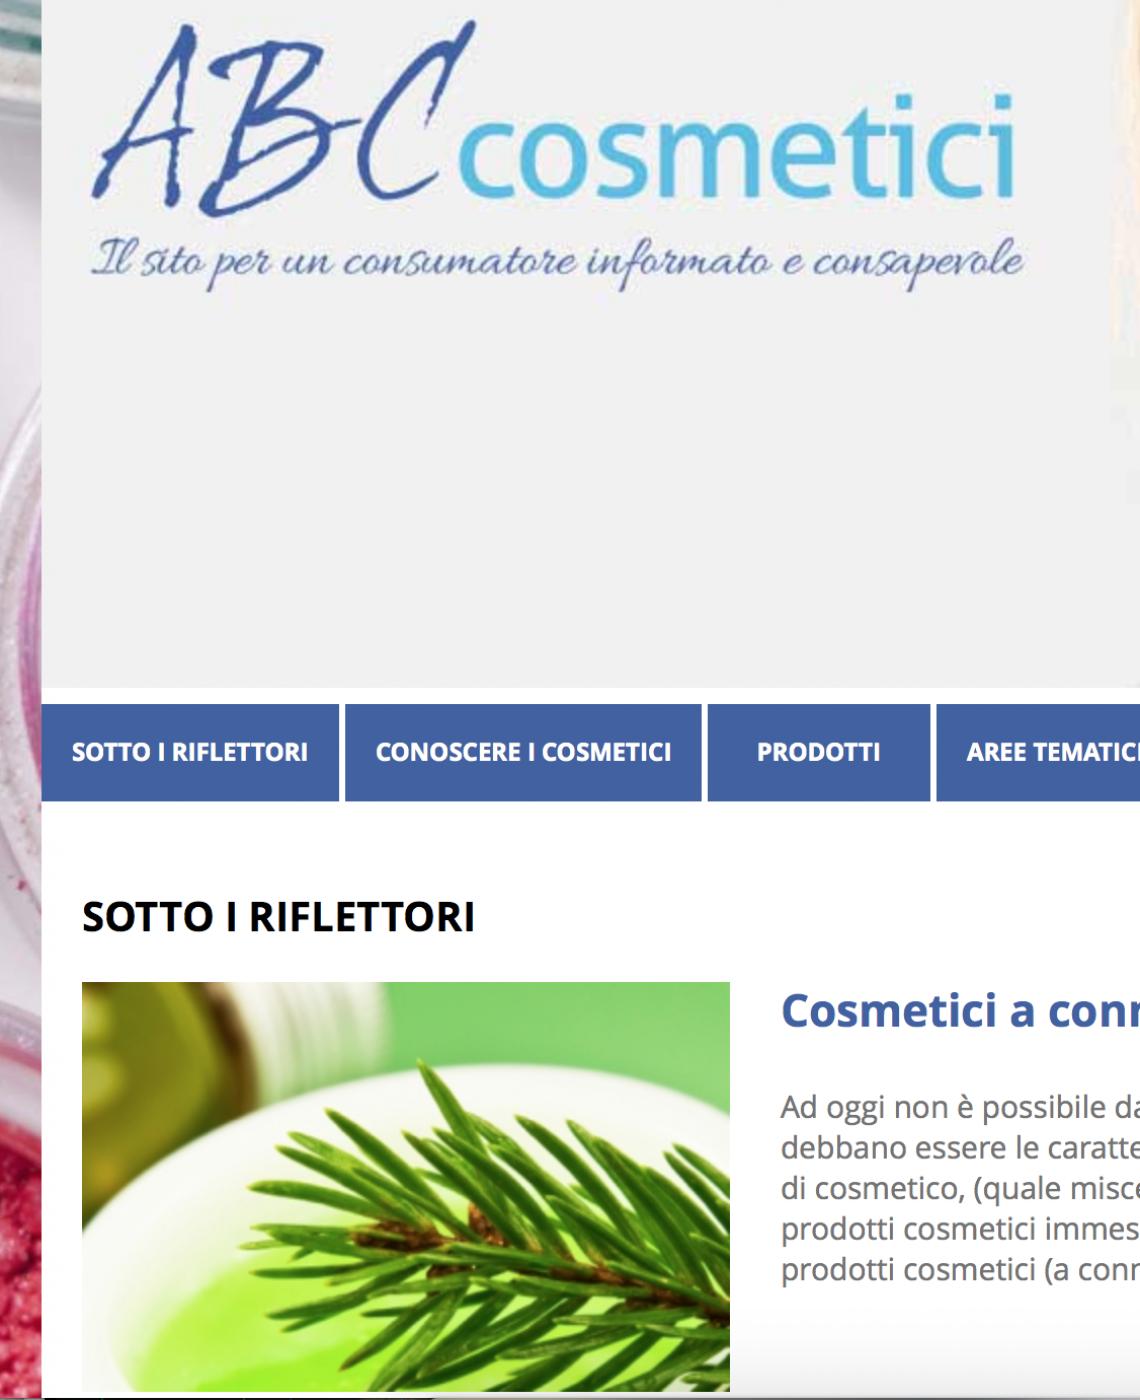 sito Abc cosmetici